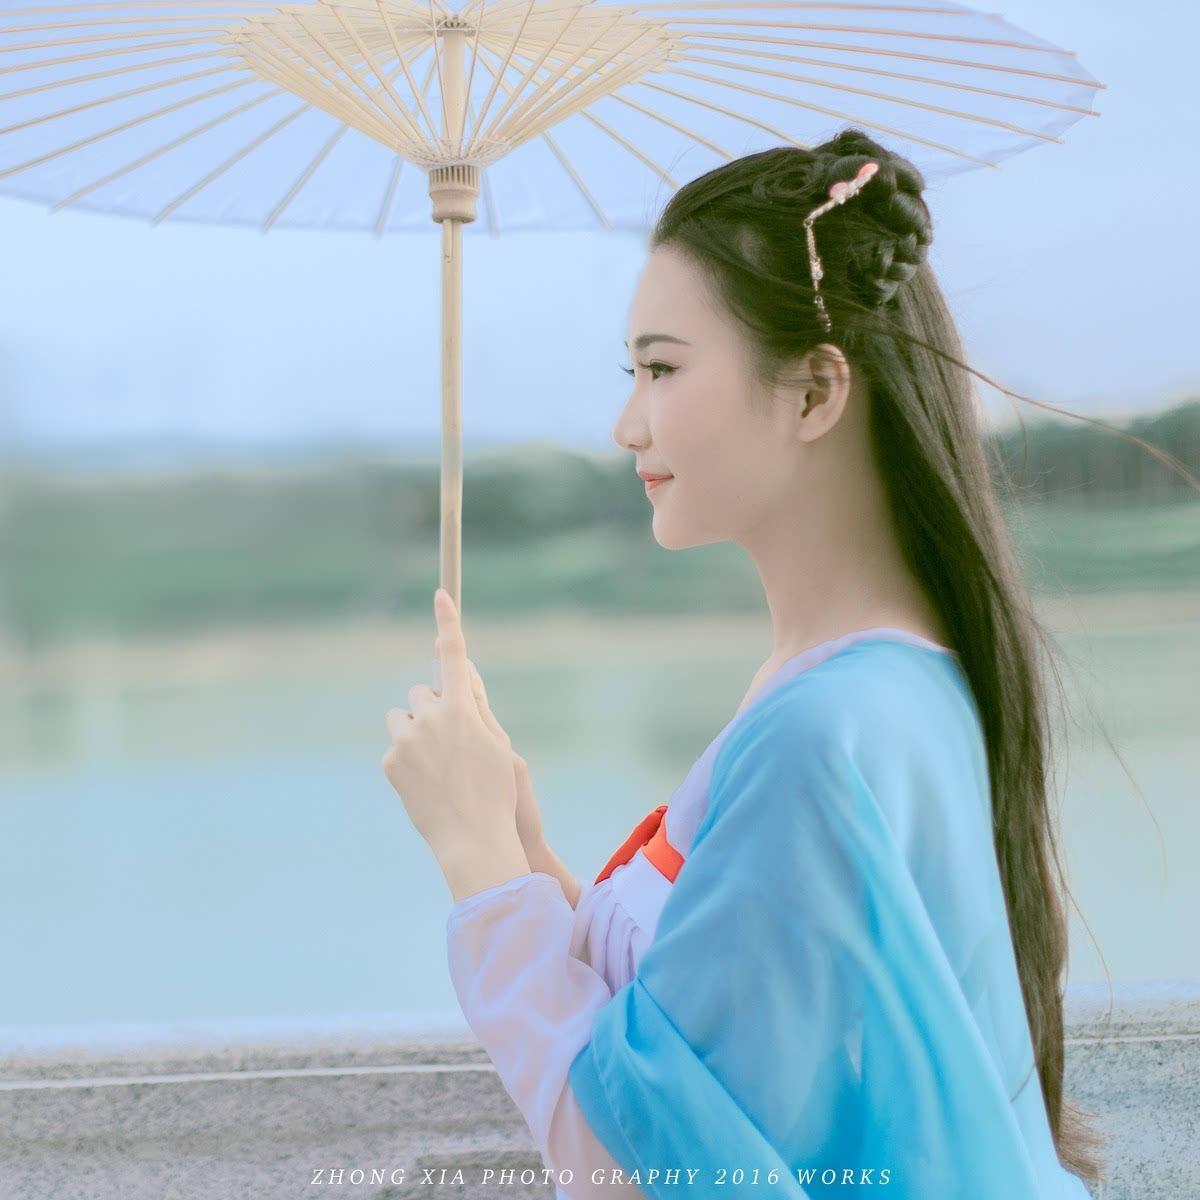 侧脸很唯美的古装持伞美女